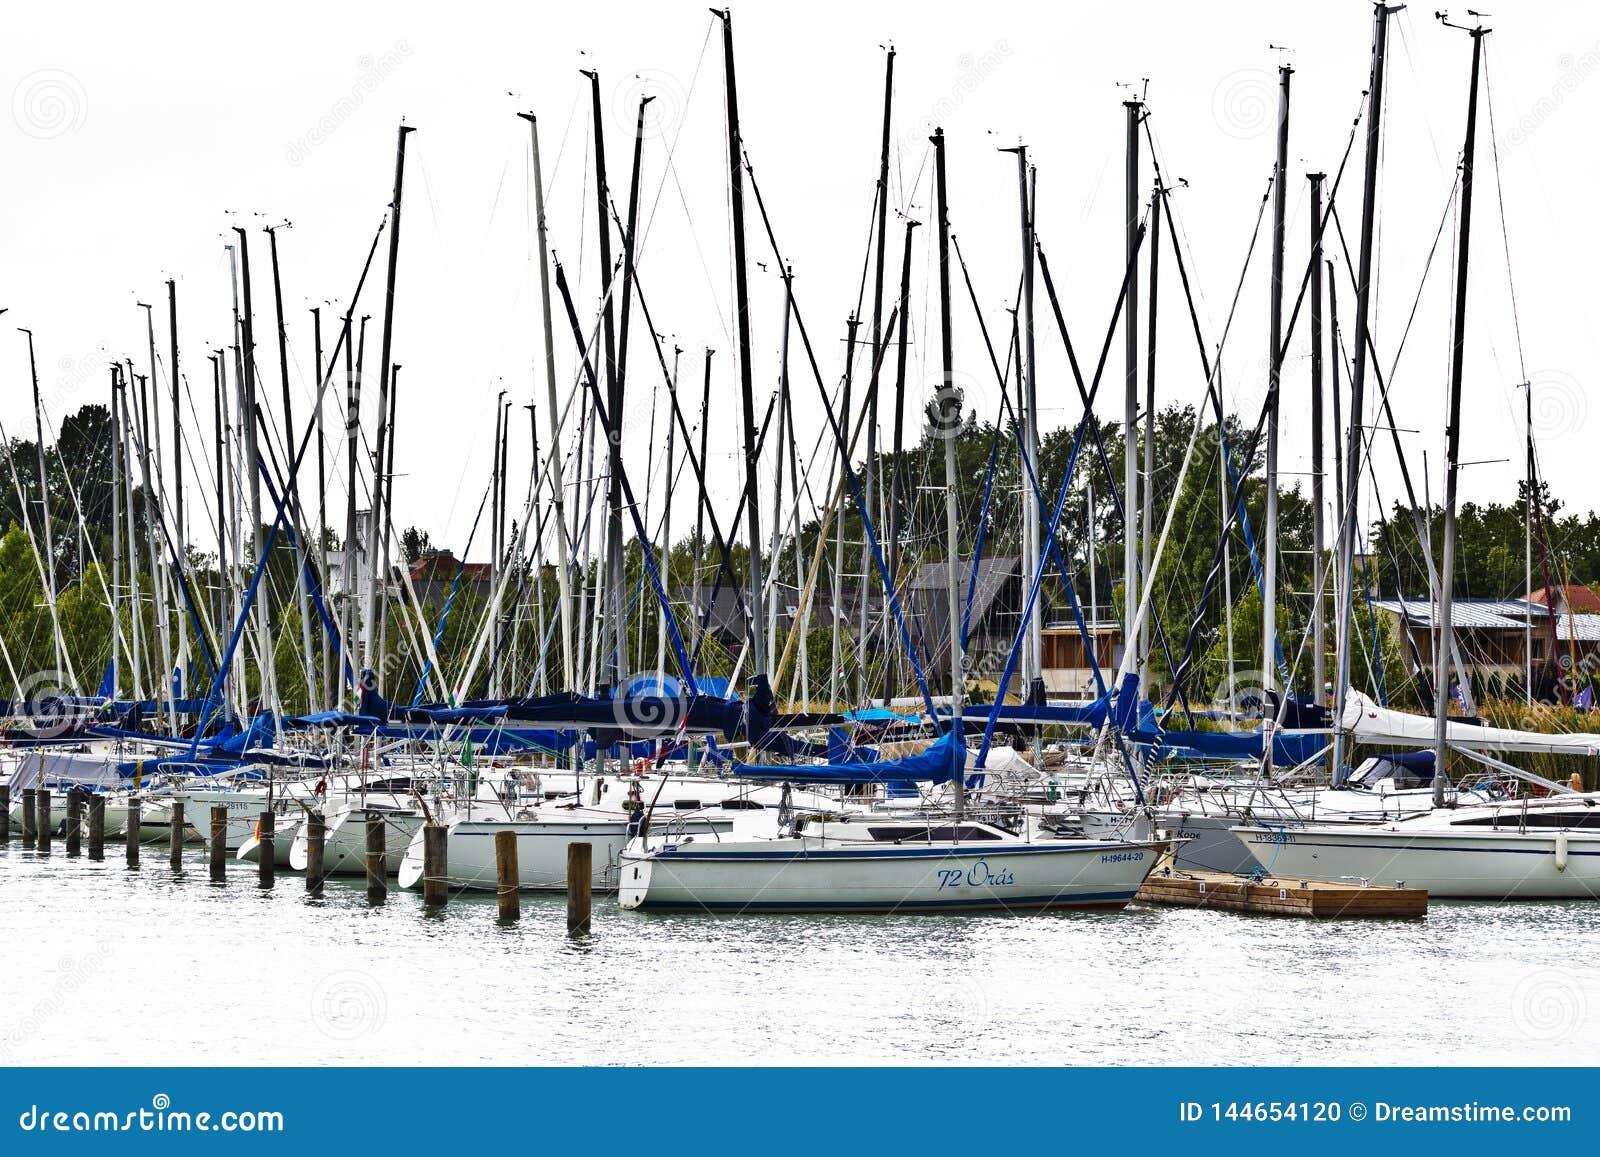 Sailing boat harbor, from Balaton lake.